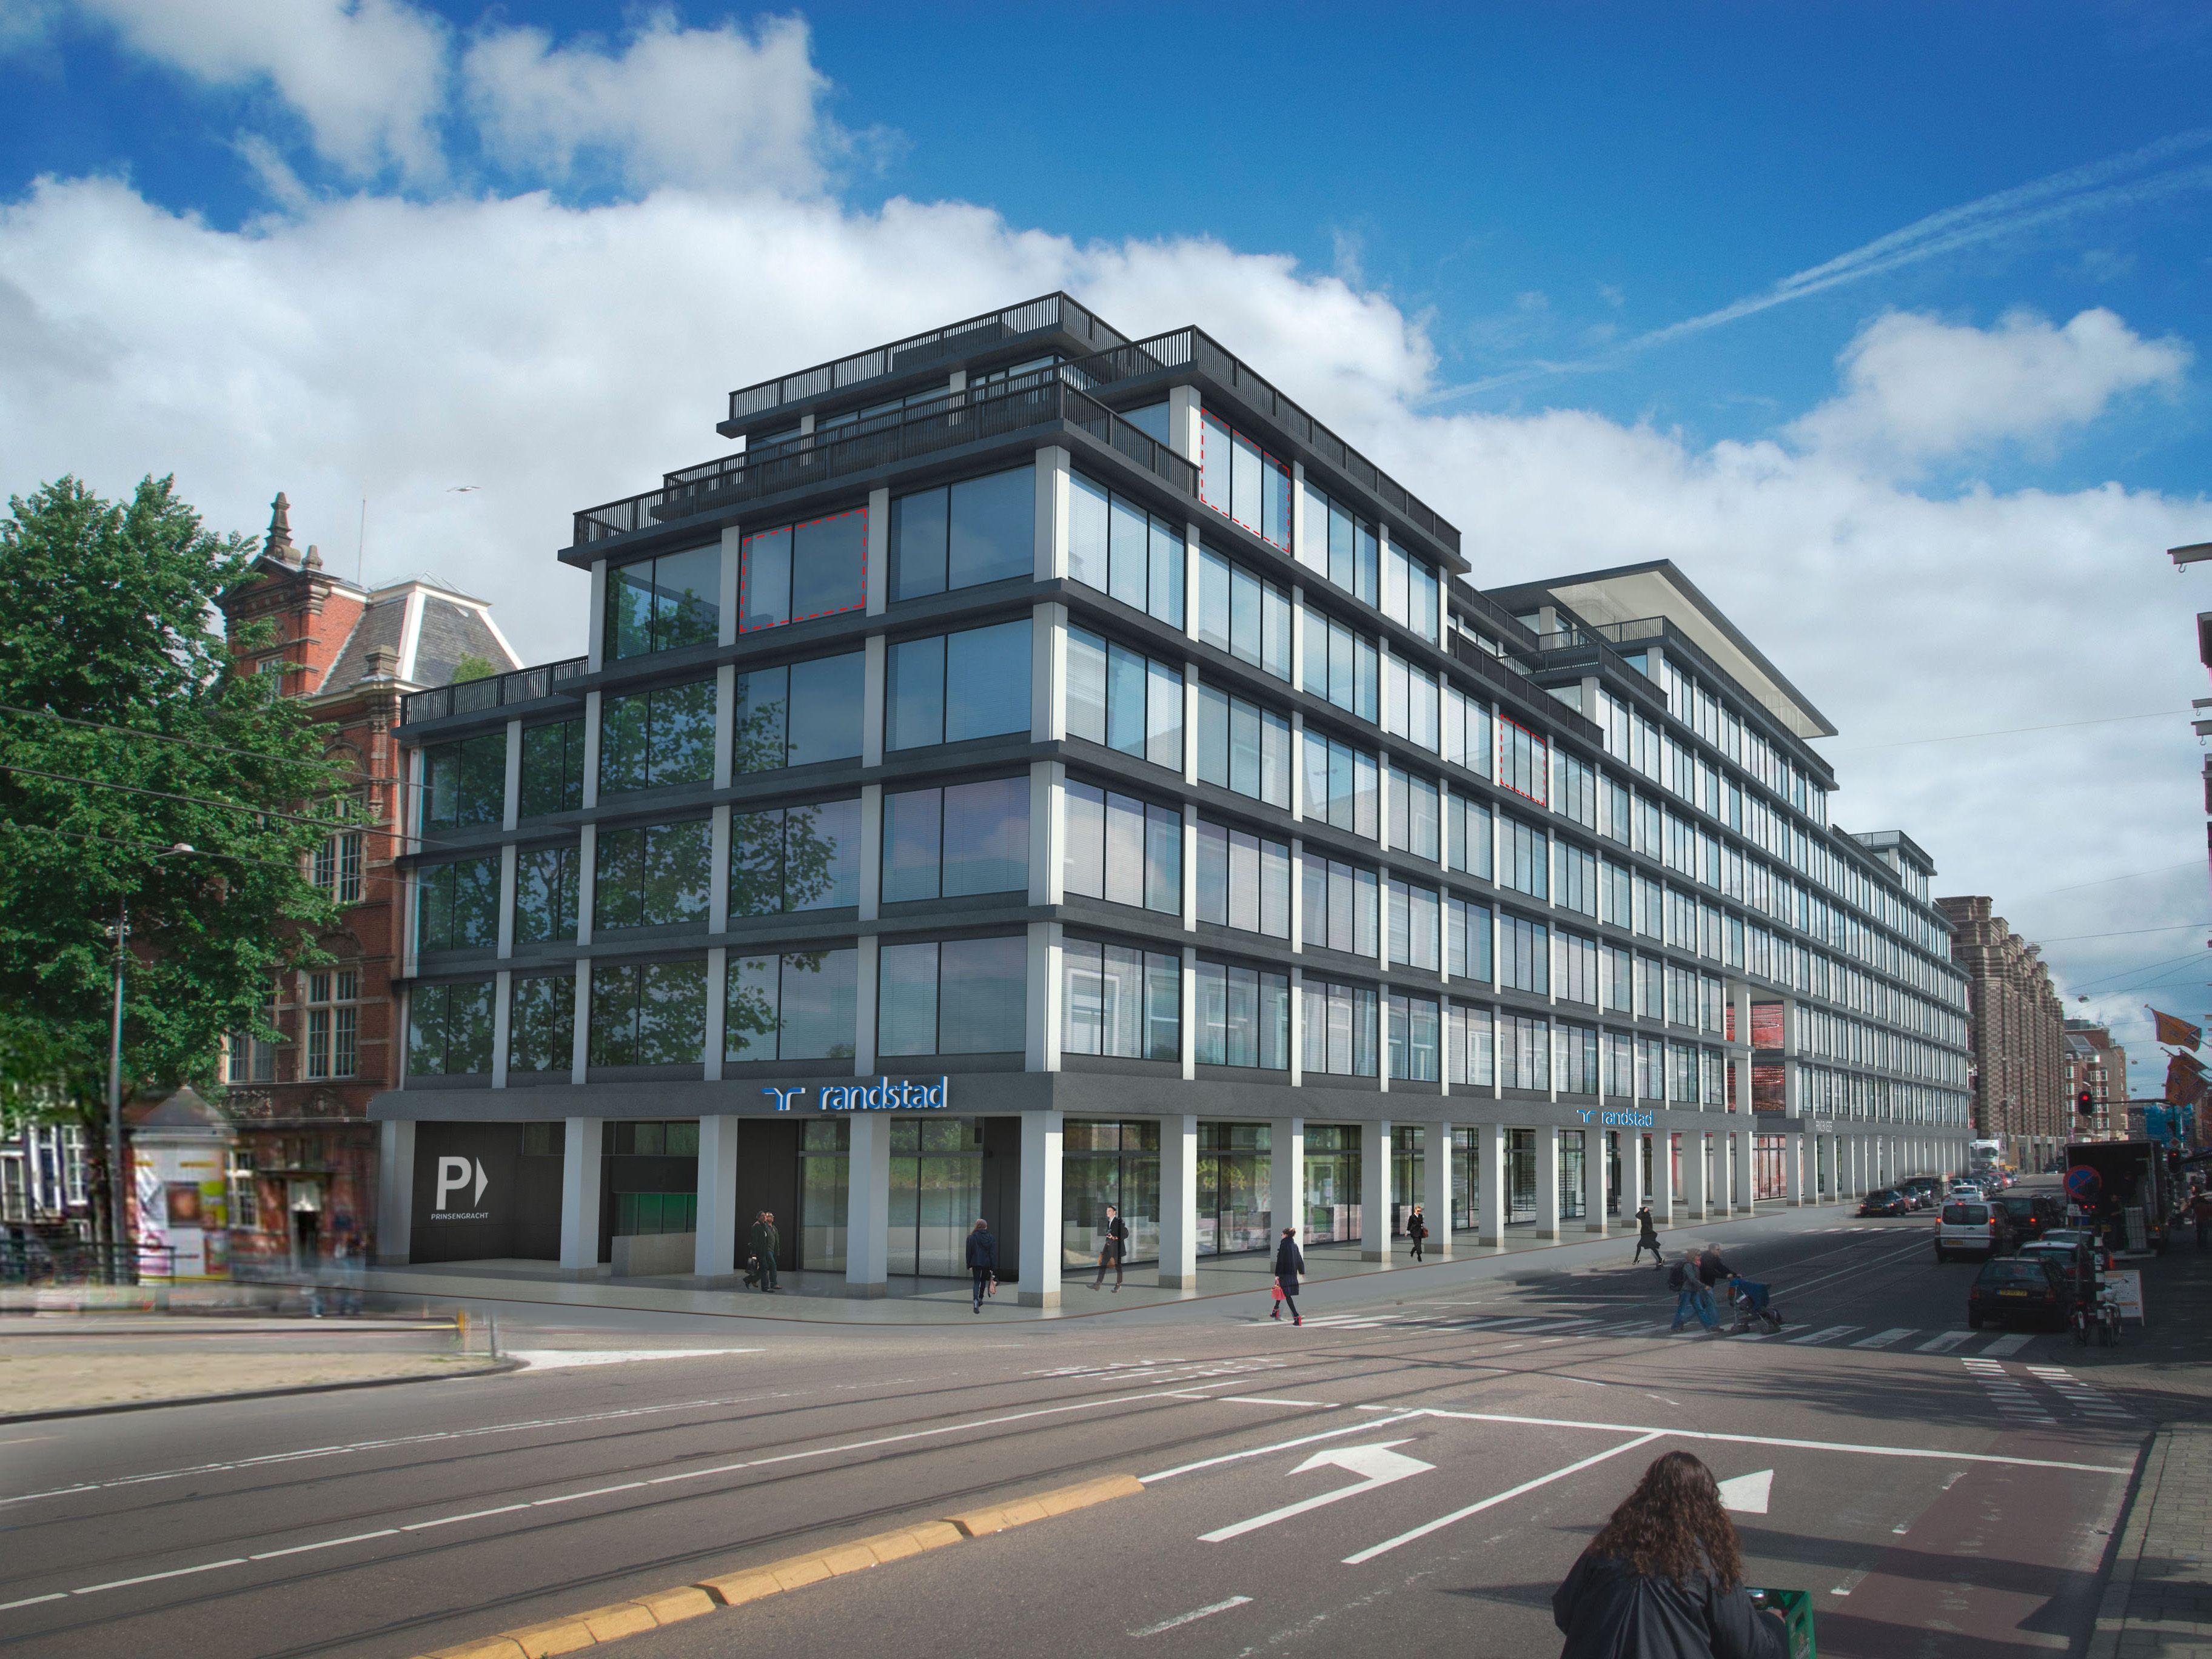 Office building renovation, Randstad Amsterdam